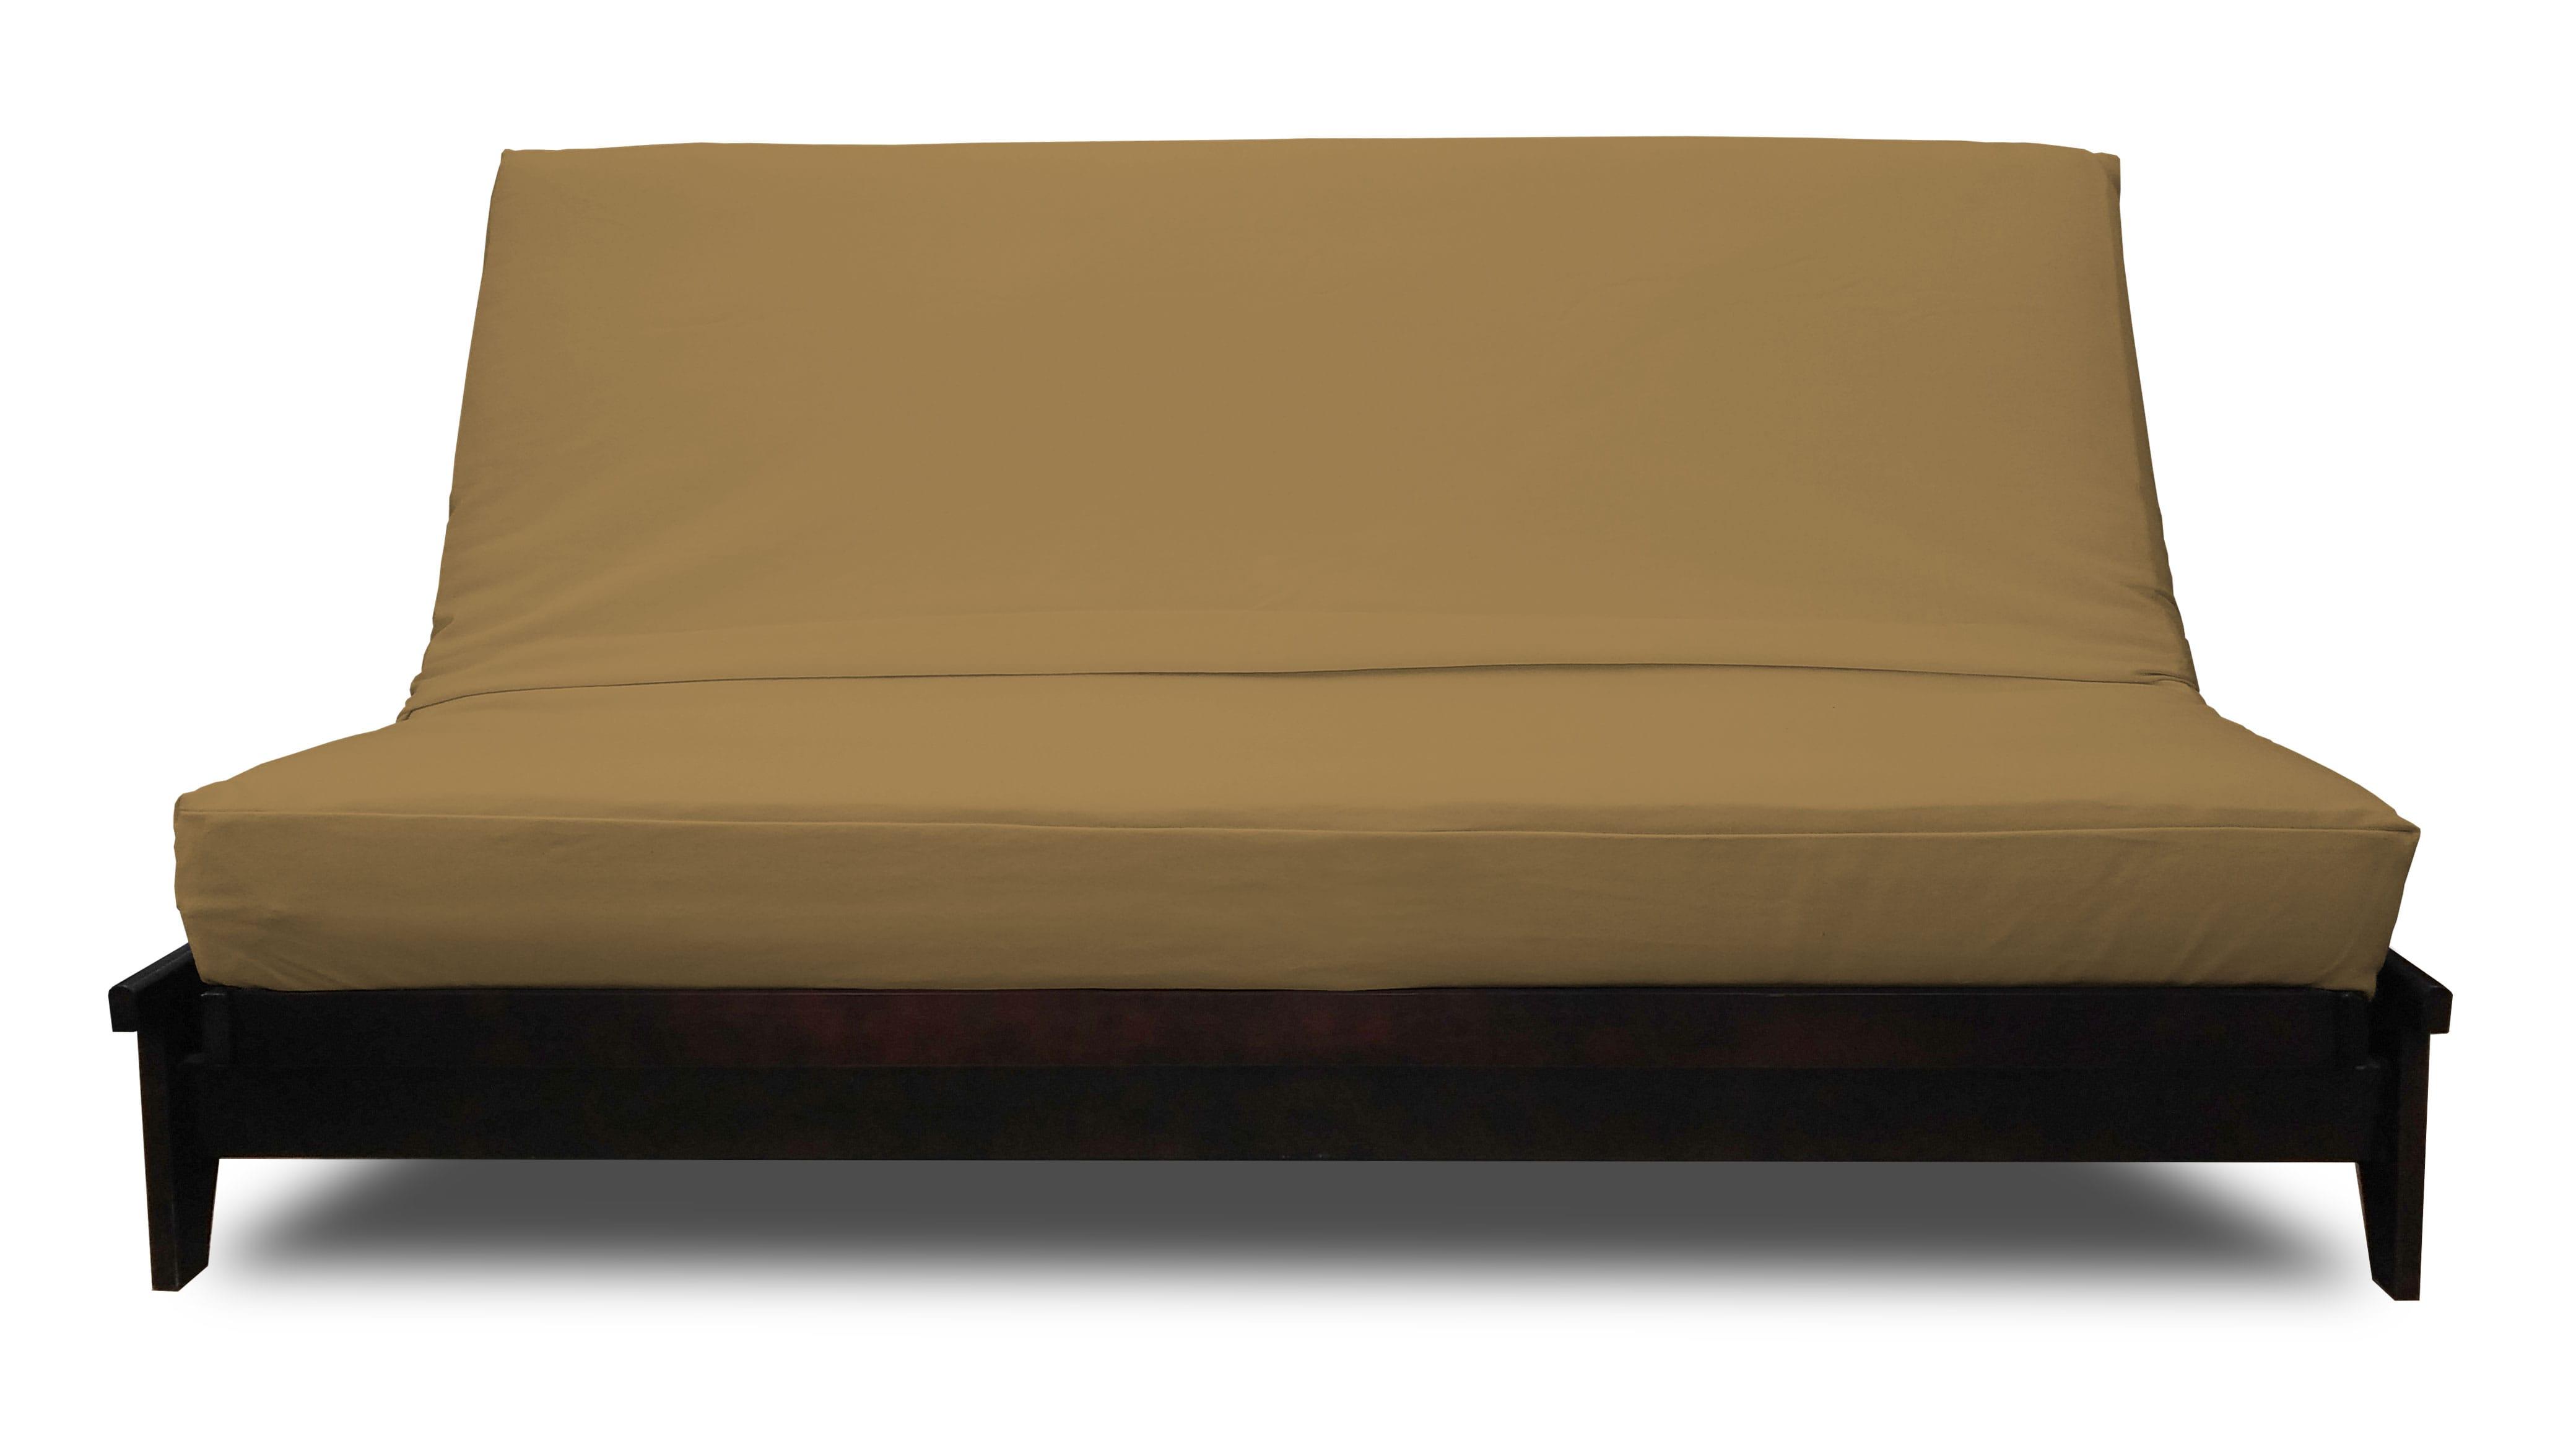 Premium Solid Khaki Futon Cover By Prestige